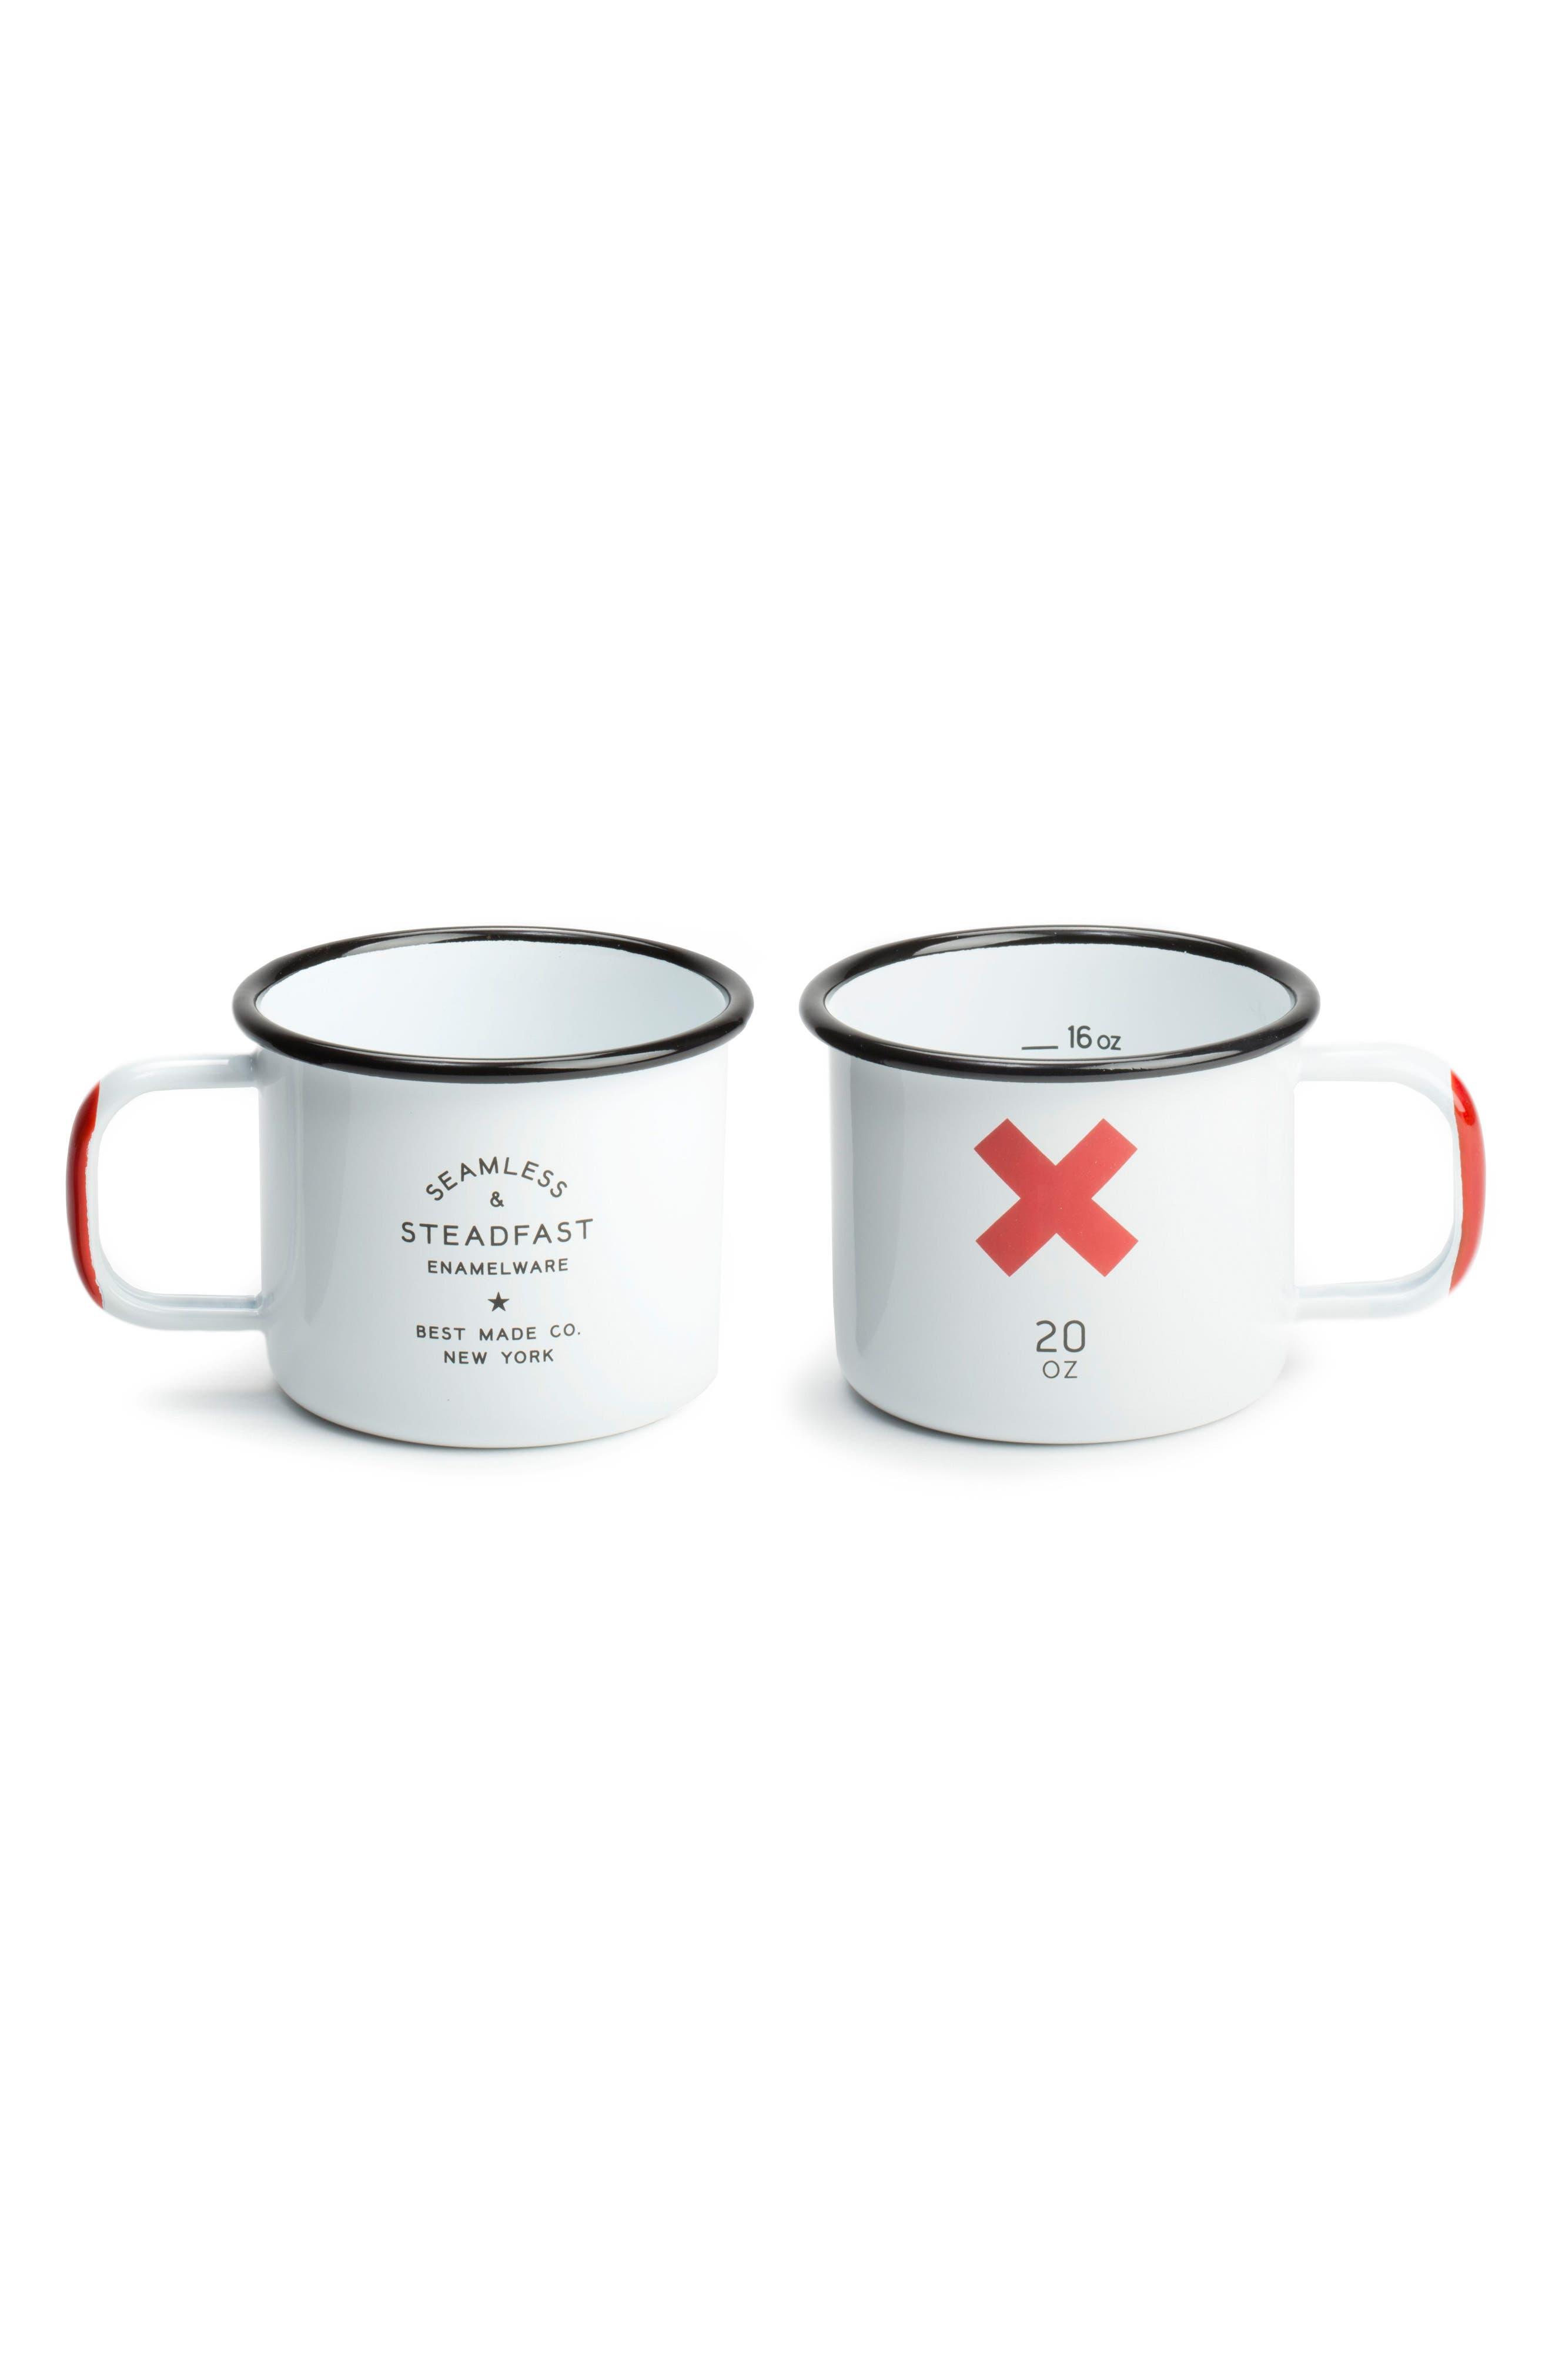 BEST MADE CO.,                             Set of 2 Enameled Steel Mugs,                             Alternate thumbnail 2, color,                             WHITE